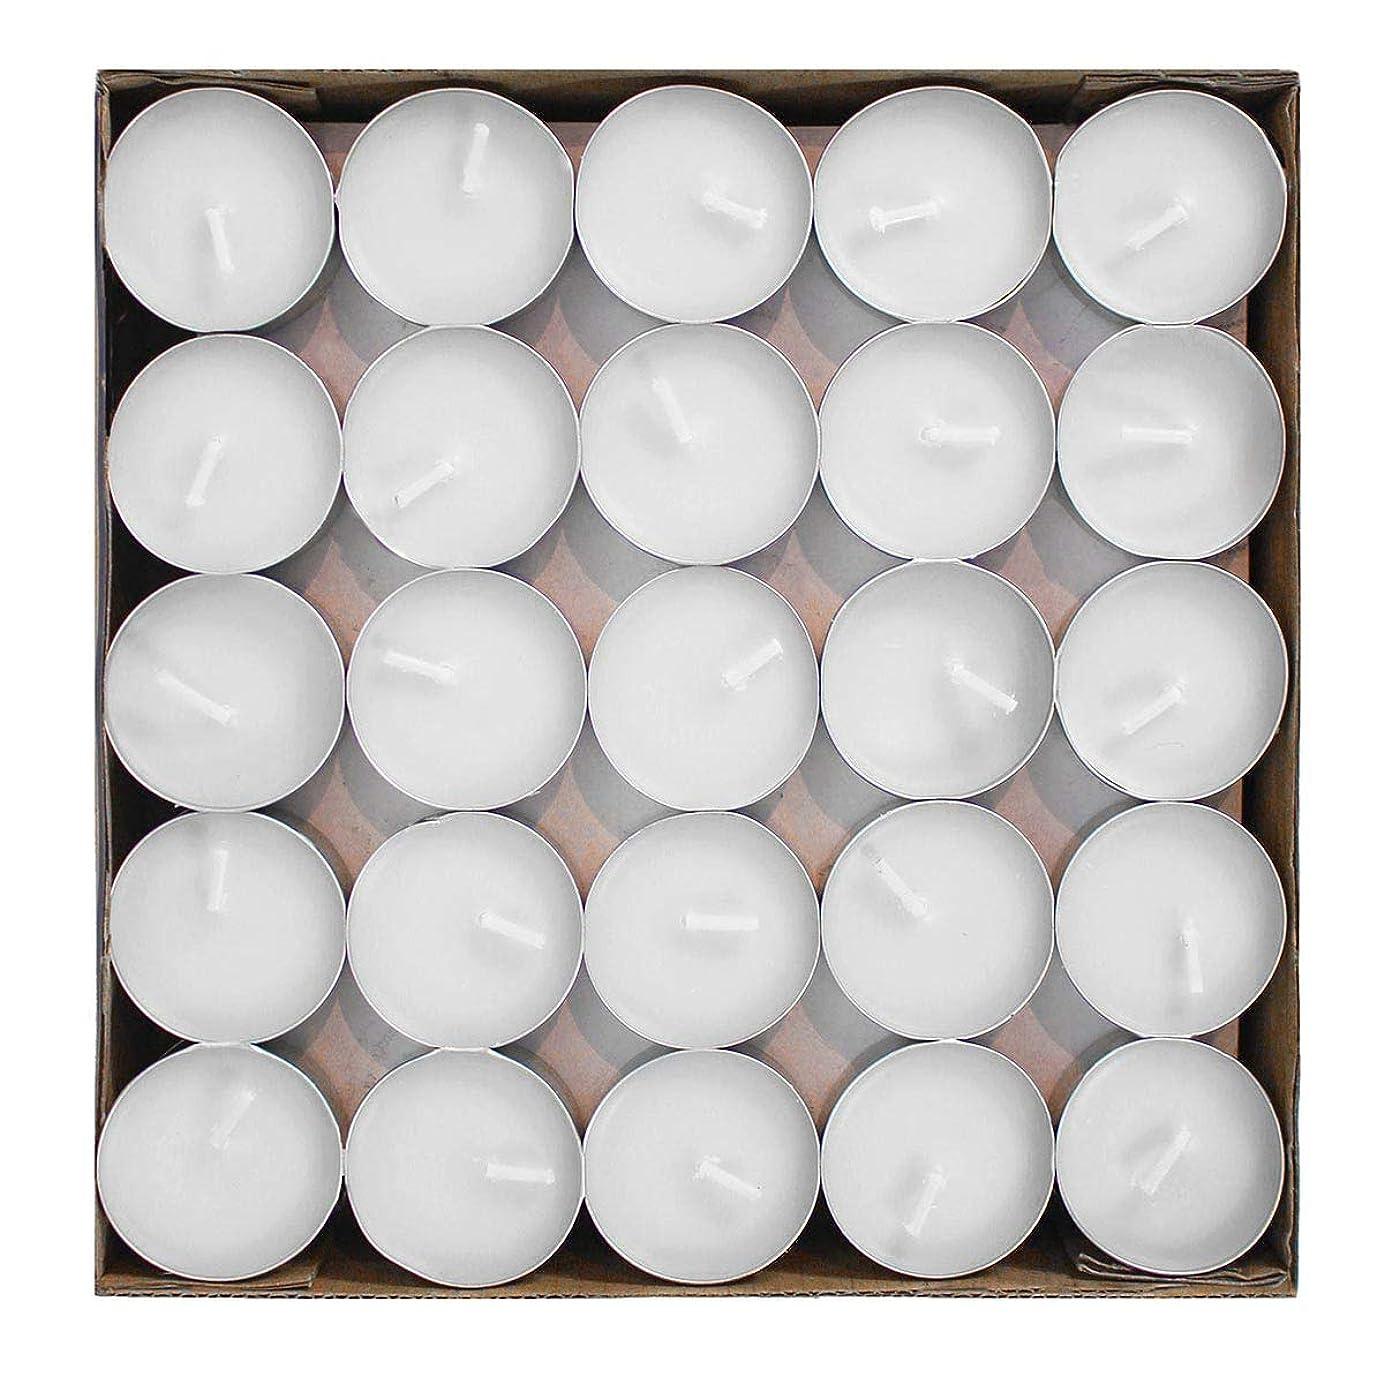 星コメント願望Hwagui ろうそく お茶アロマ キャンドル アロマ キャンドル ロウソク 人気 香り 約1.5-2時間 50個 ZH004